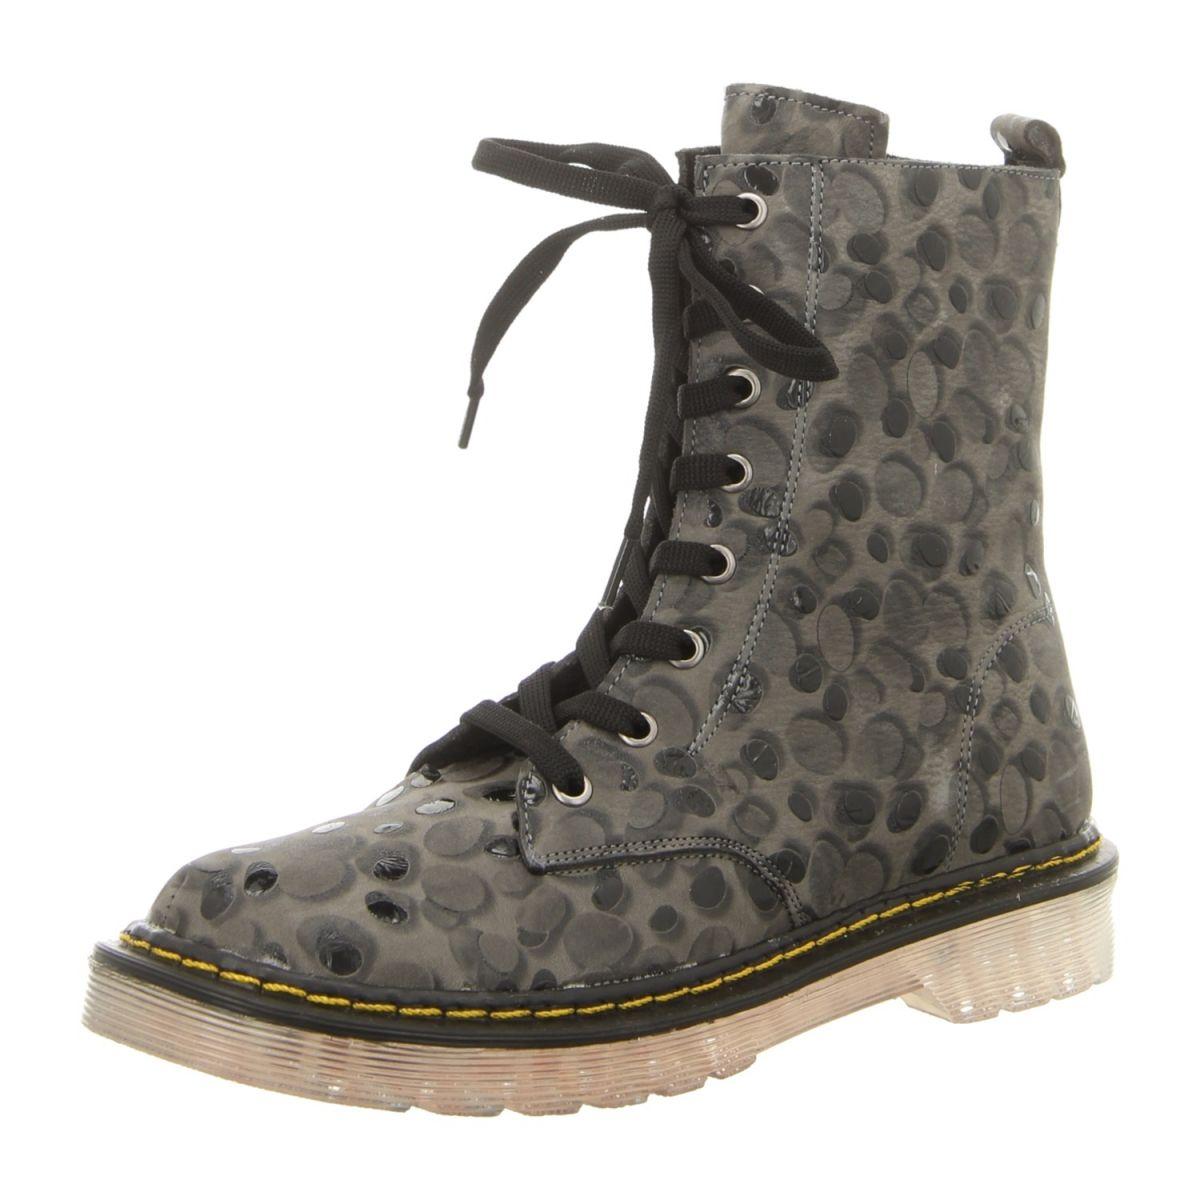 Gemini Schuhe Stiefelette 031523 39/002 grau grau NEU